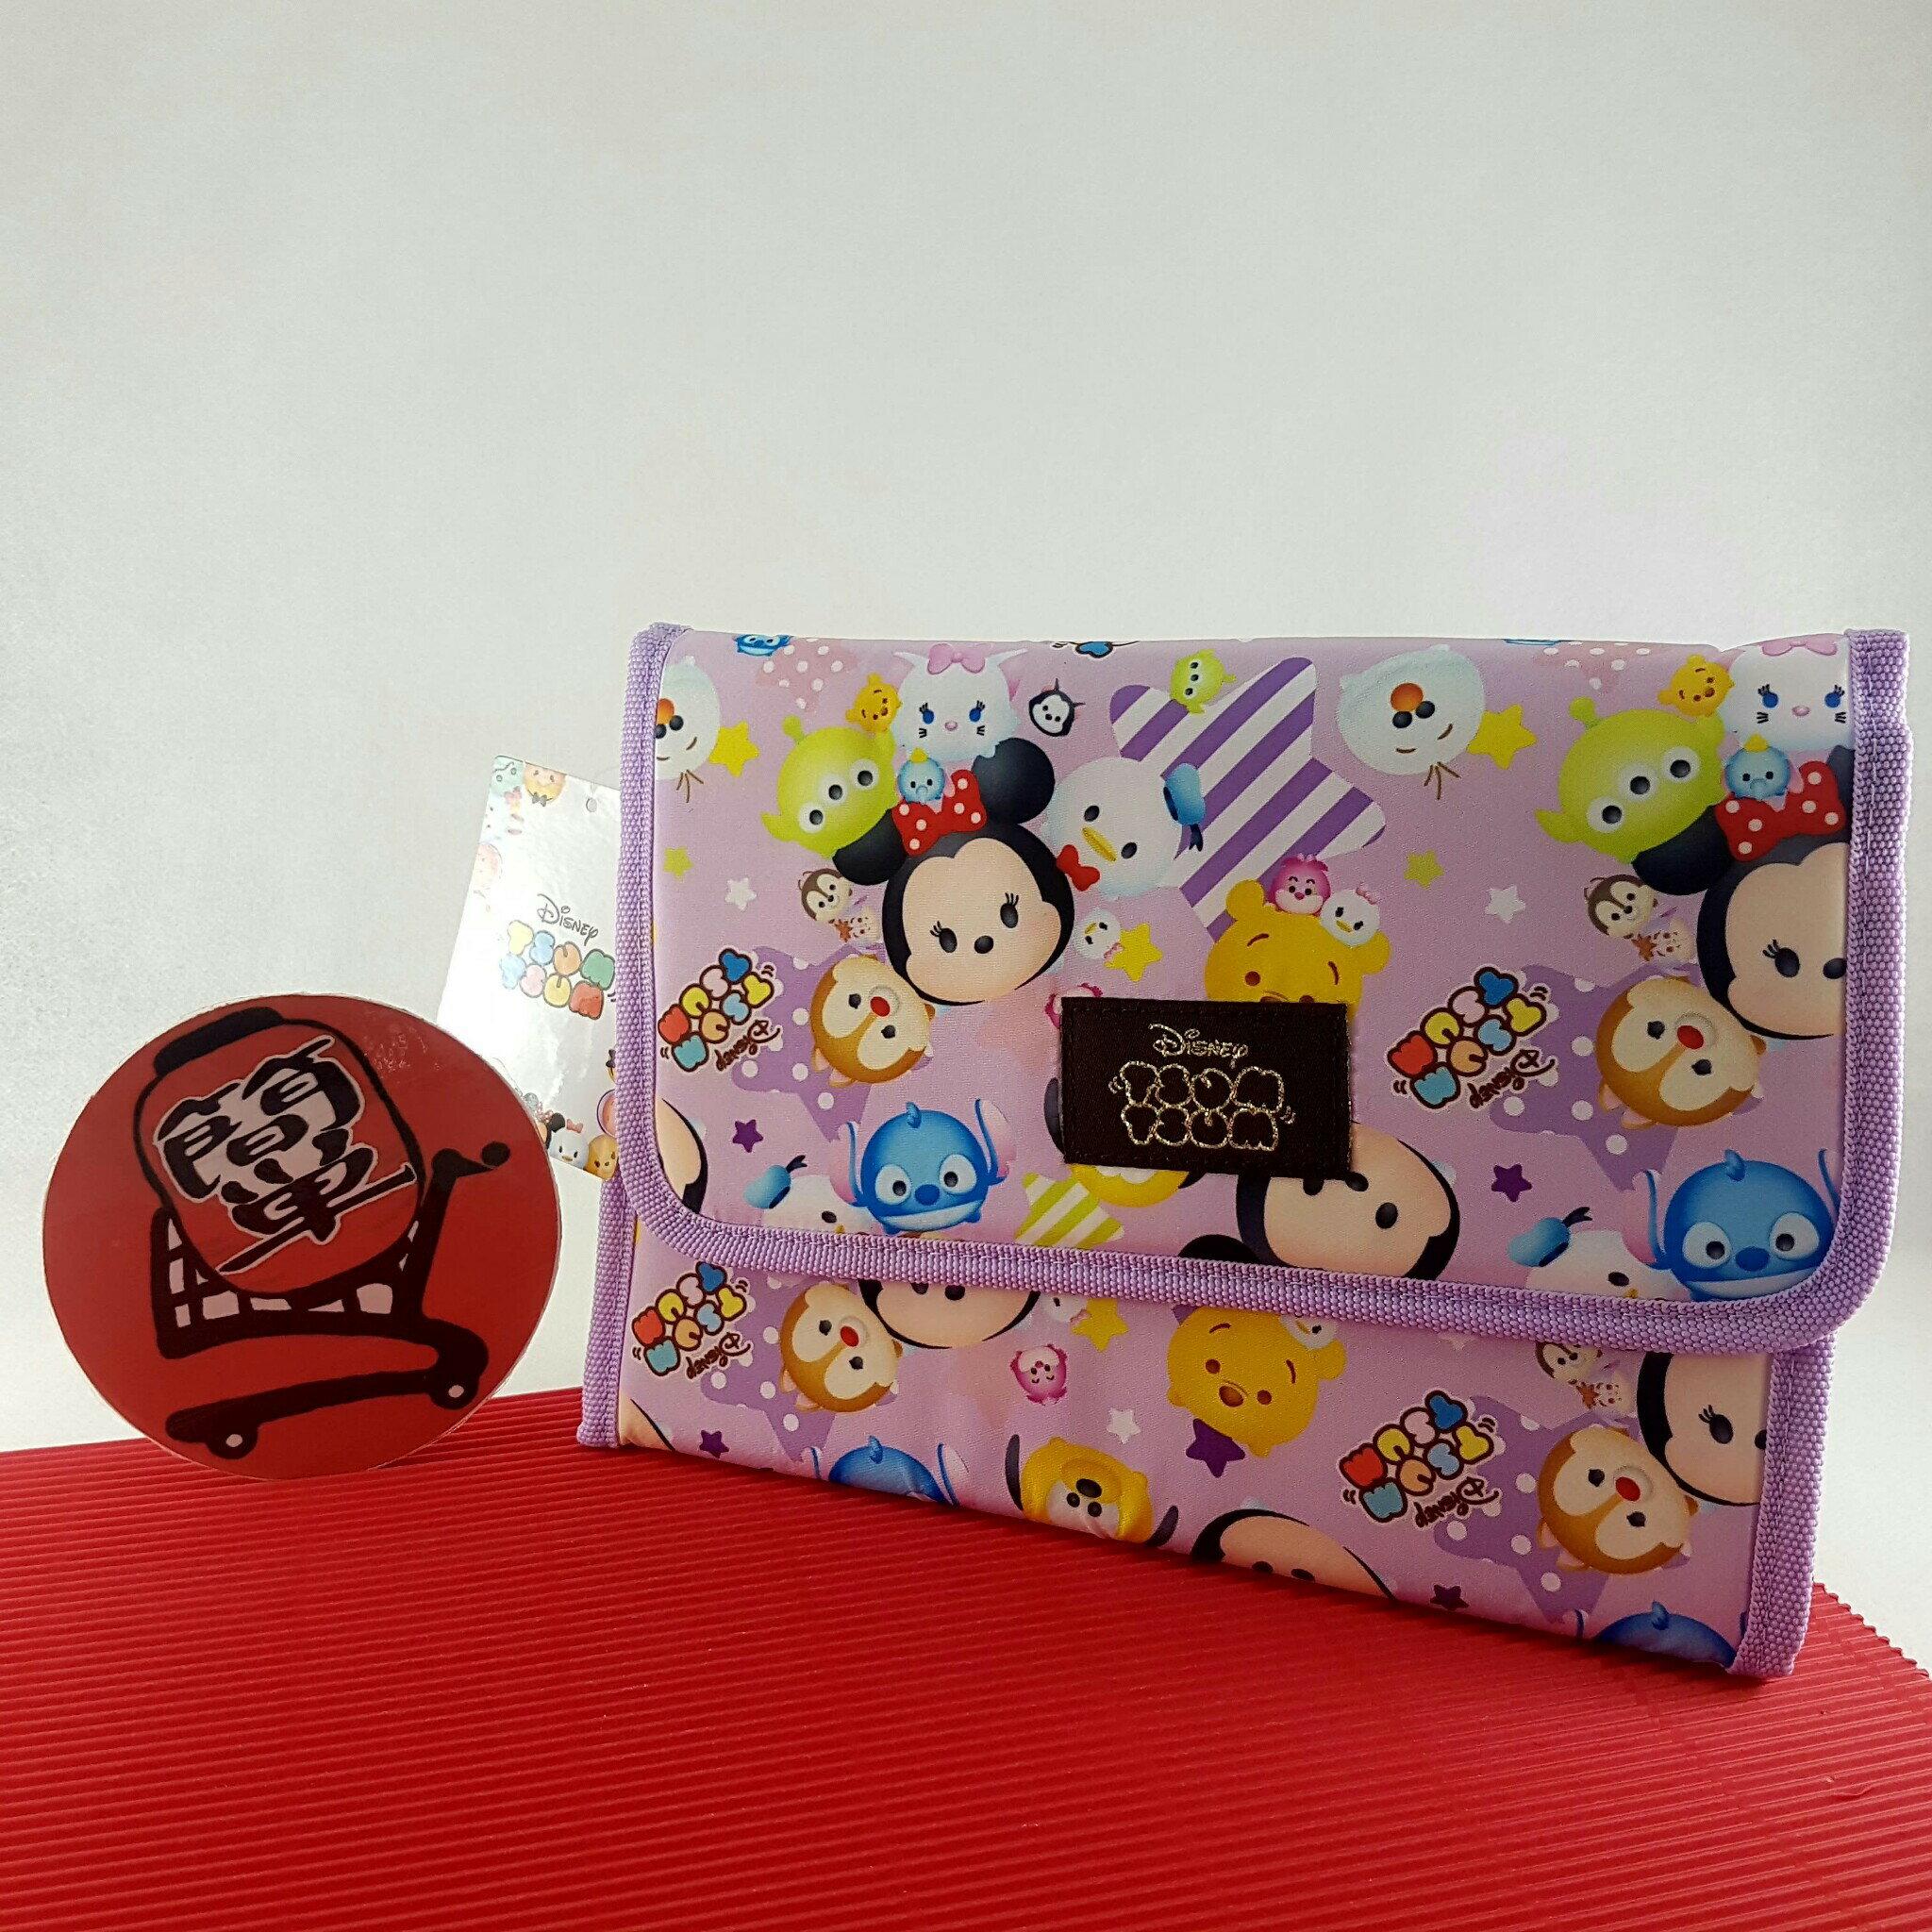 『簡?全球購』淡紫 迪士尼 Tsum Tsum 母子手冊包 寶寶健康手冊包